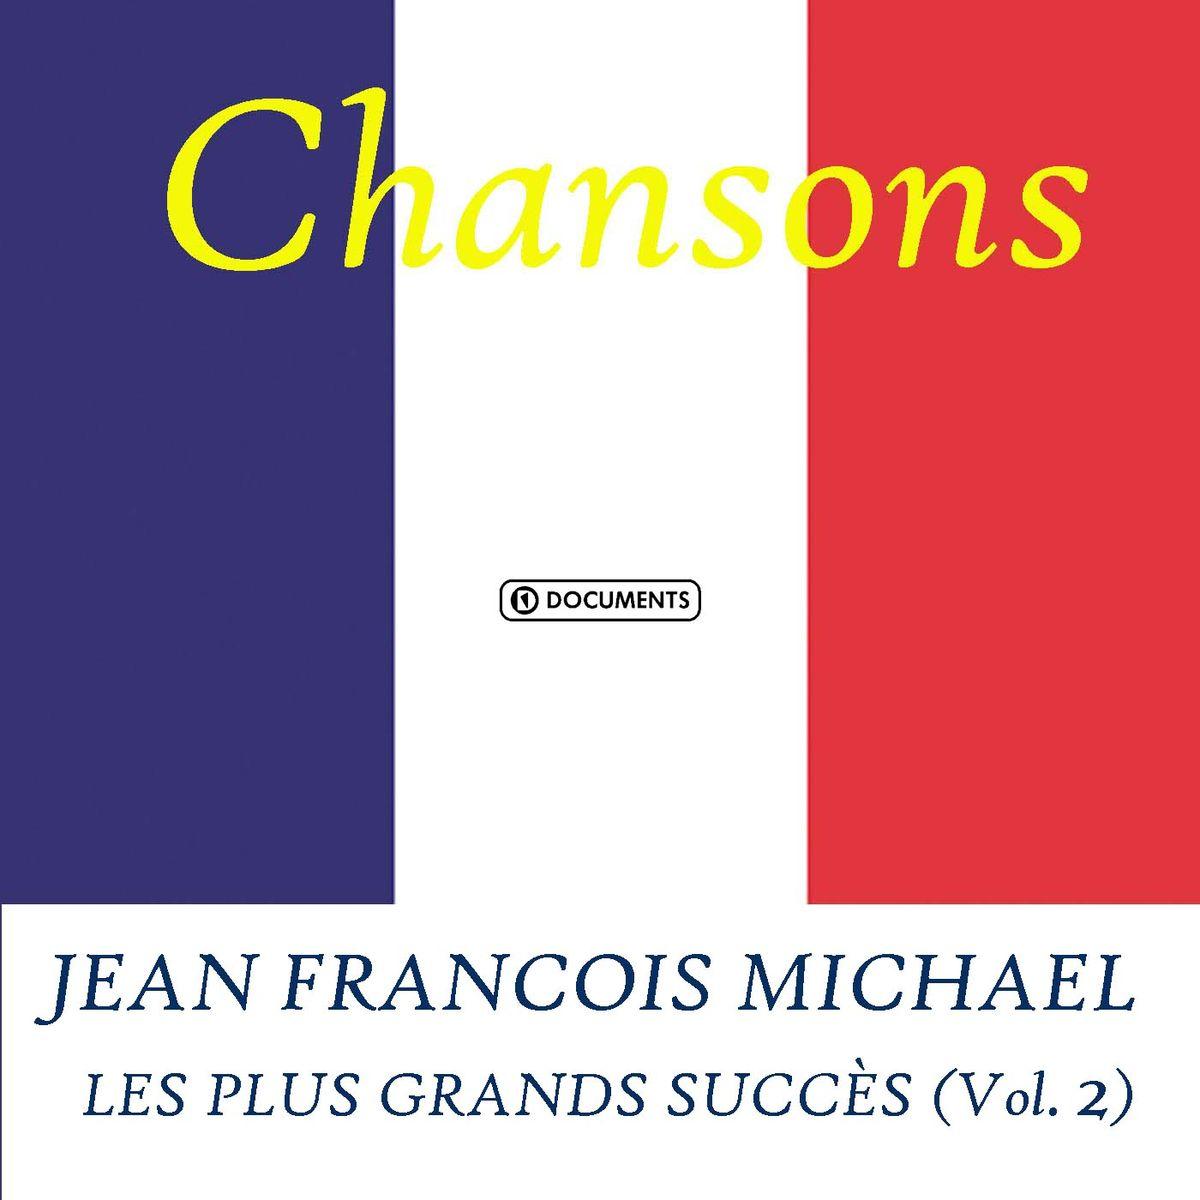 Jean-Francois-Michael-Les-plus-grands-success-Vol2-152068992